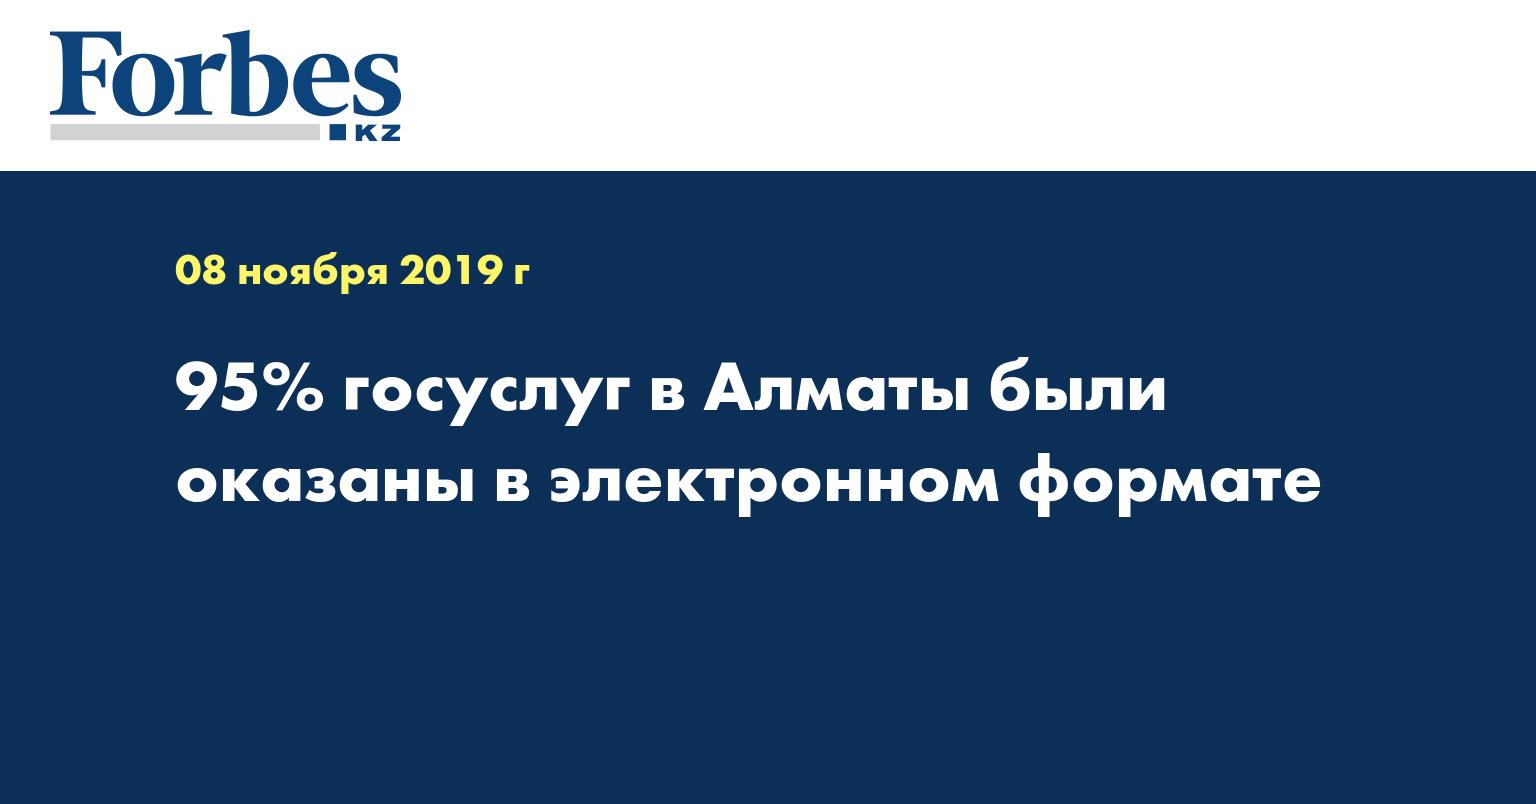 95% госуслуг в Алматы были оказаны в электронном формате